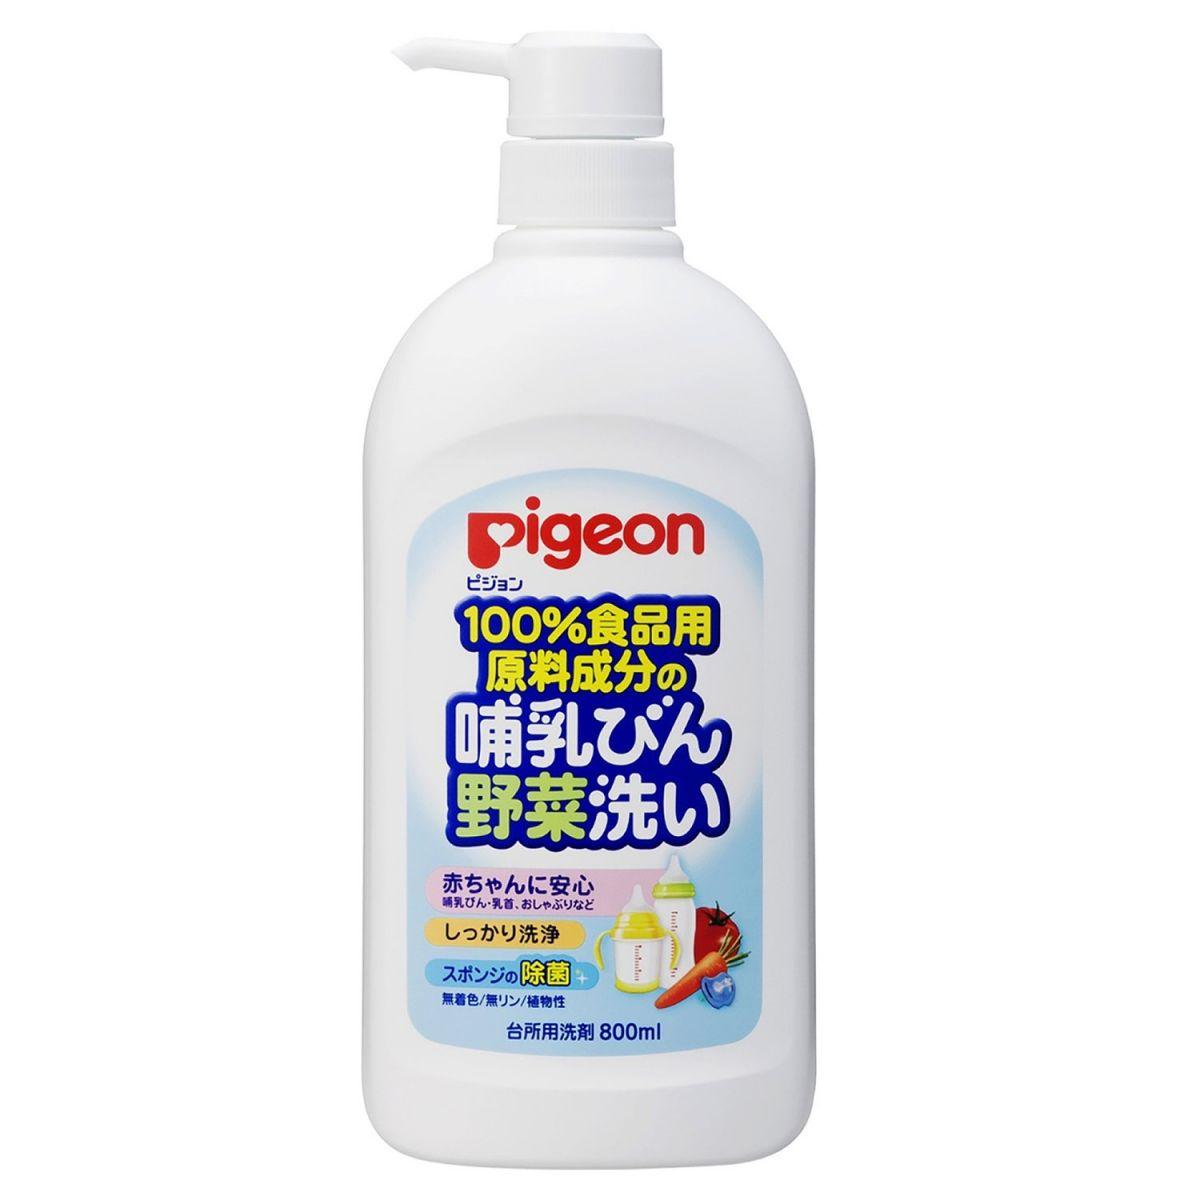 Nước rửa bình sữa Pigeon nội địa Nhật